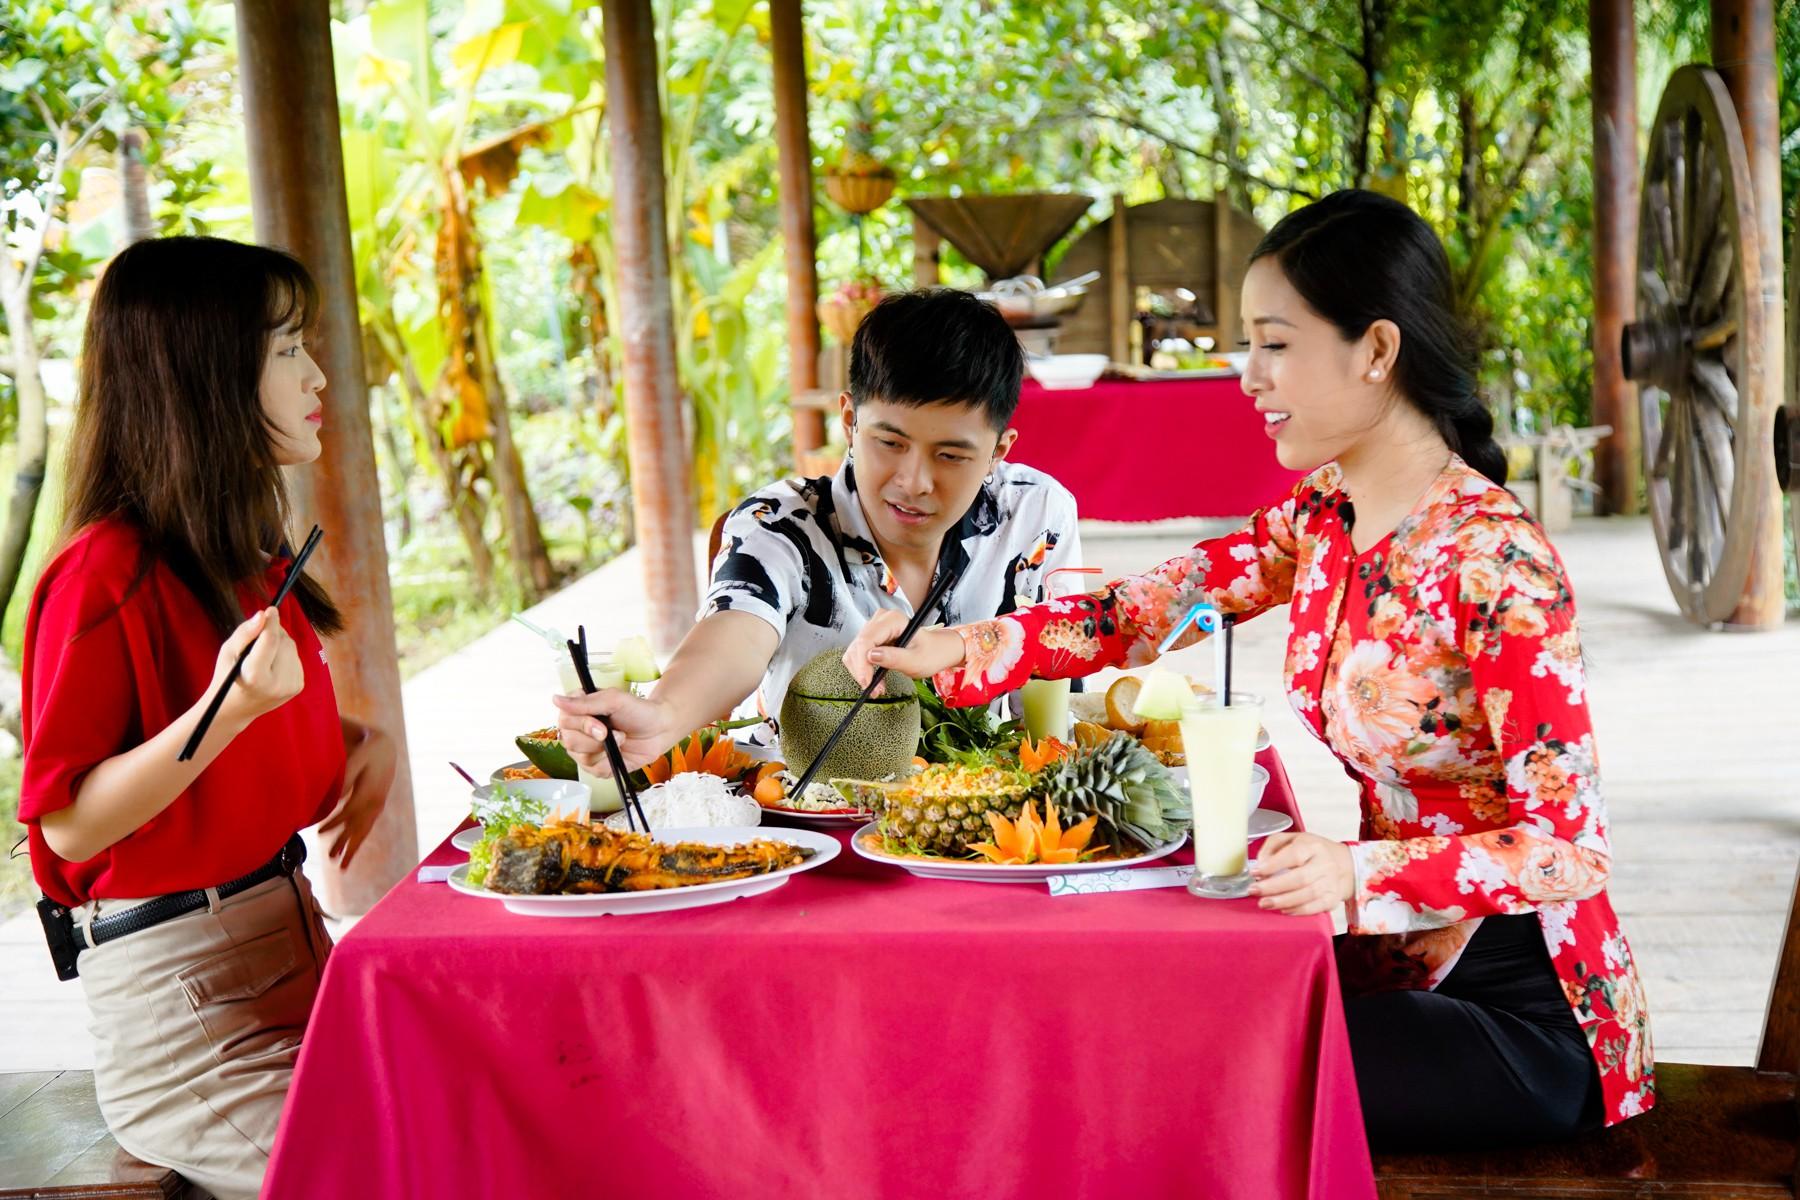 Gin Tuấn Kiệt bất ngờ trước độ am hiểu của Han Sara về ẩm thực Việt Nam - Ảnh 10.